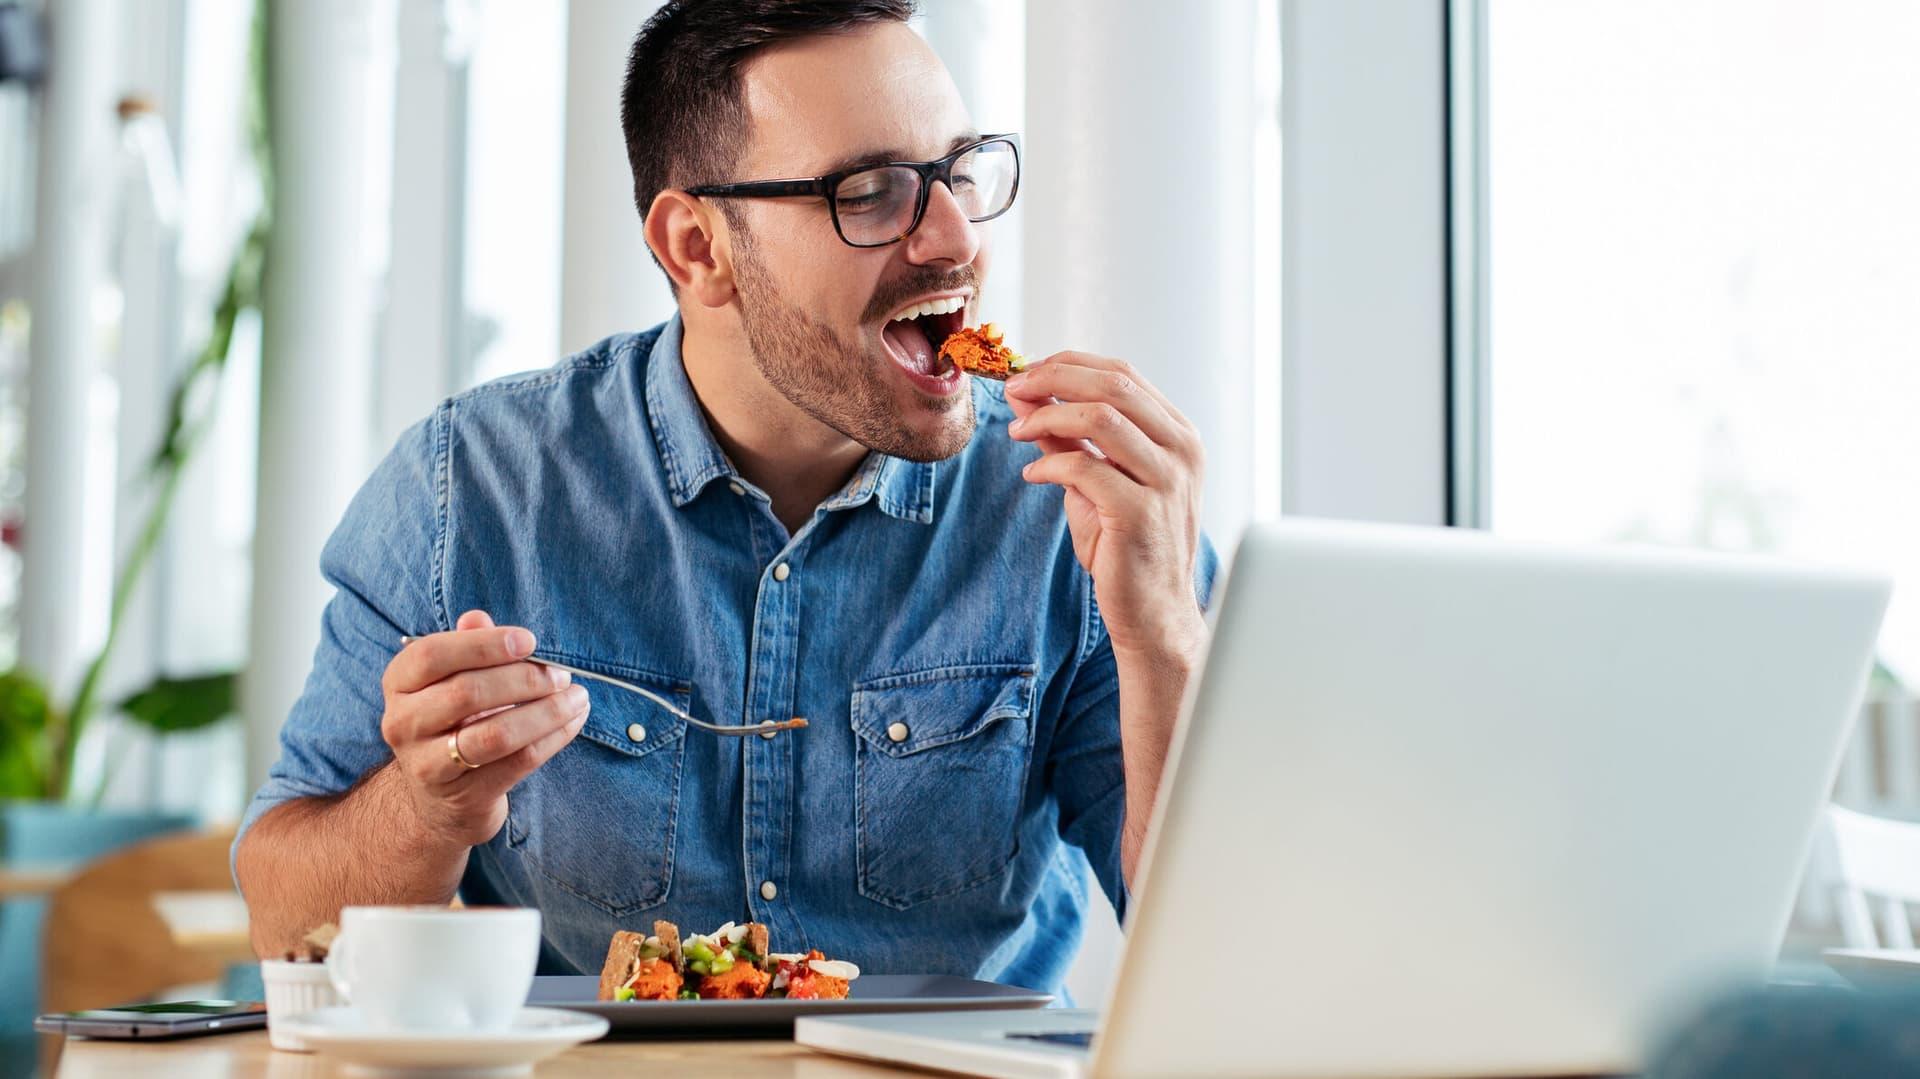 Mann isst vor einem Computer